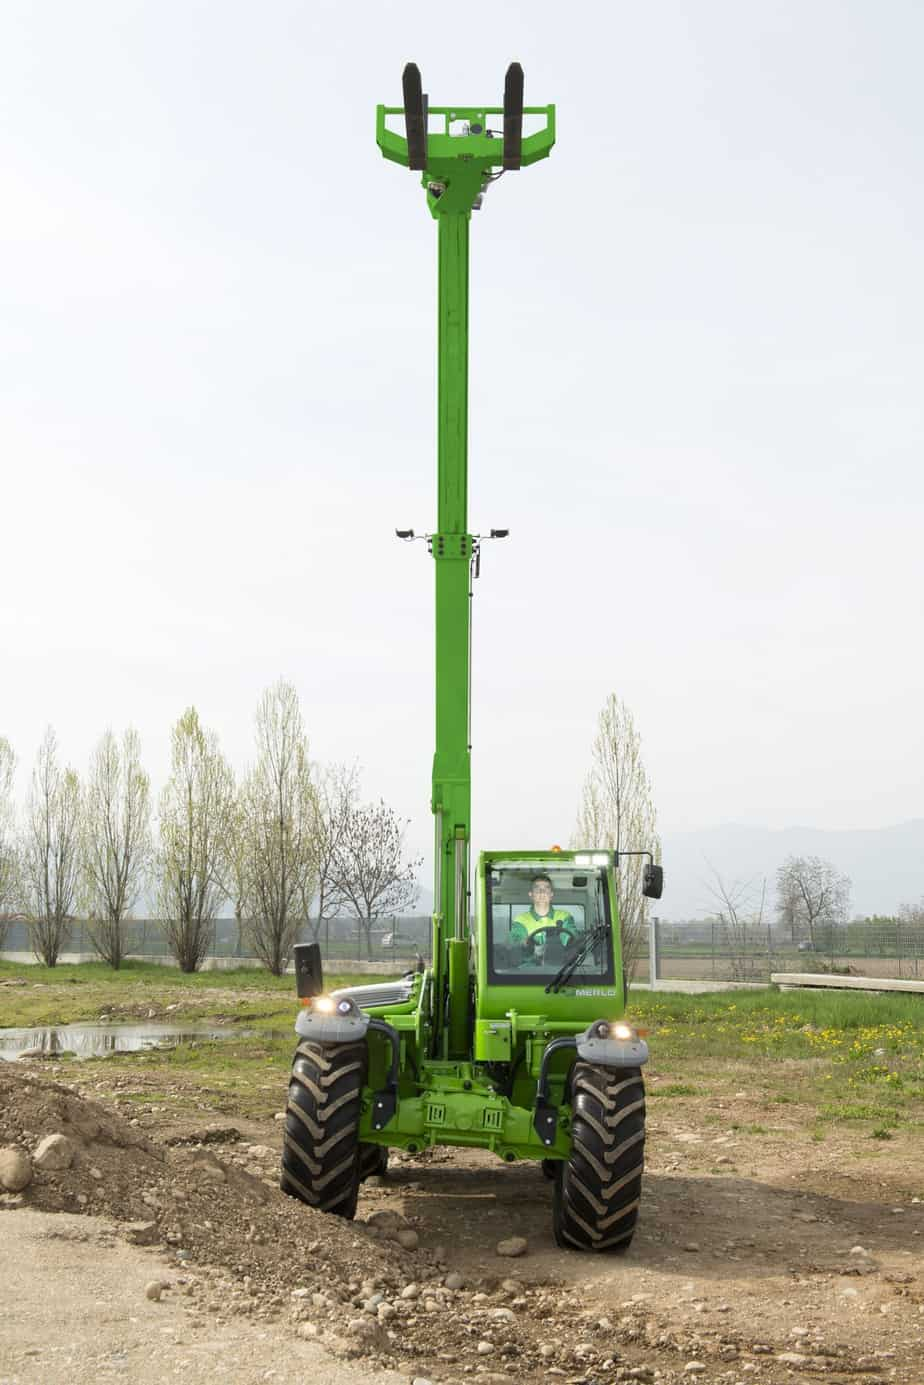 Il sistema TT permette di livellare il braccio e spostarlo lateralmente per andare a inforcare il carico senza dover riposizionare il sollevatore